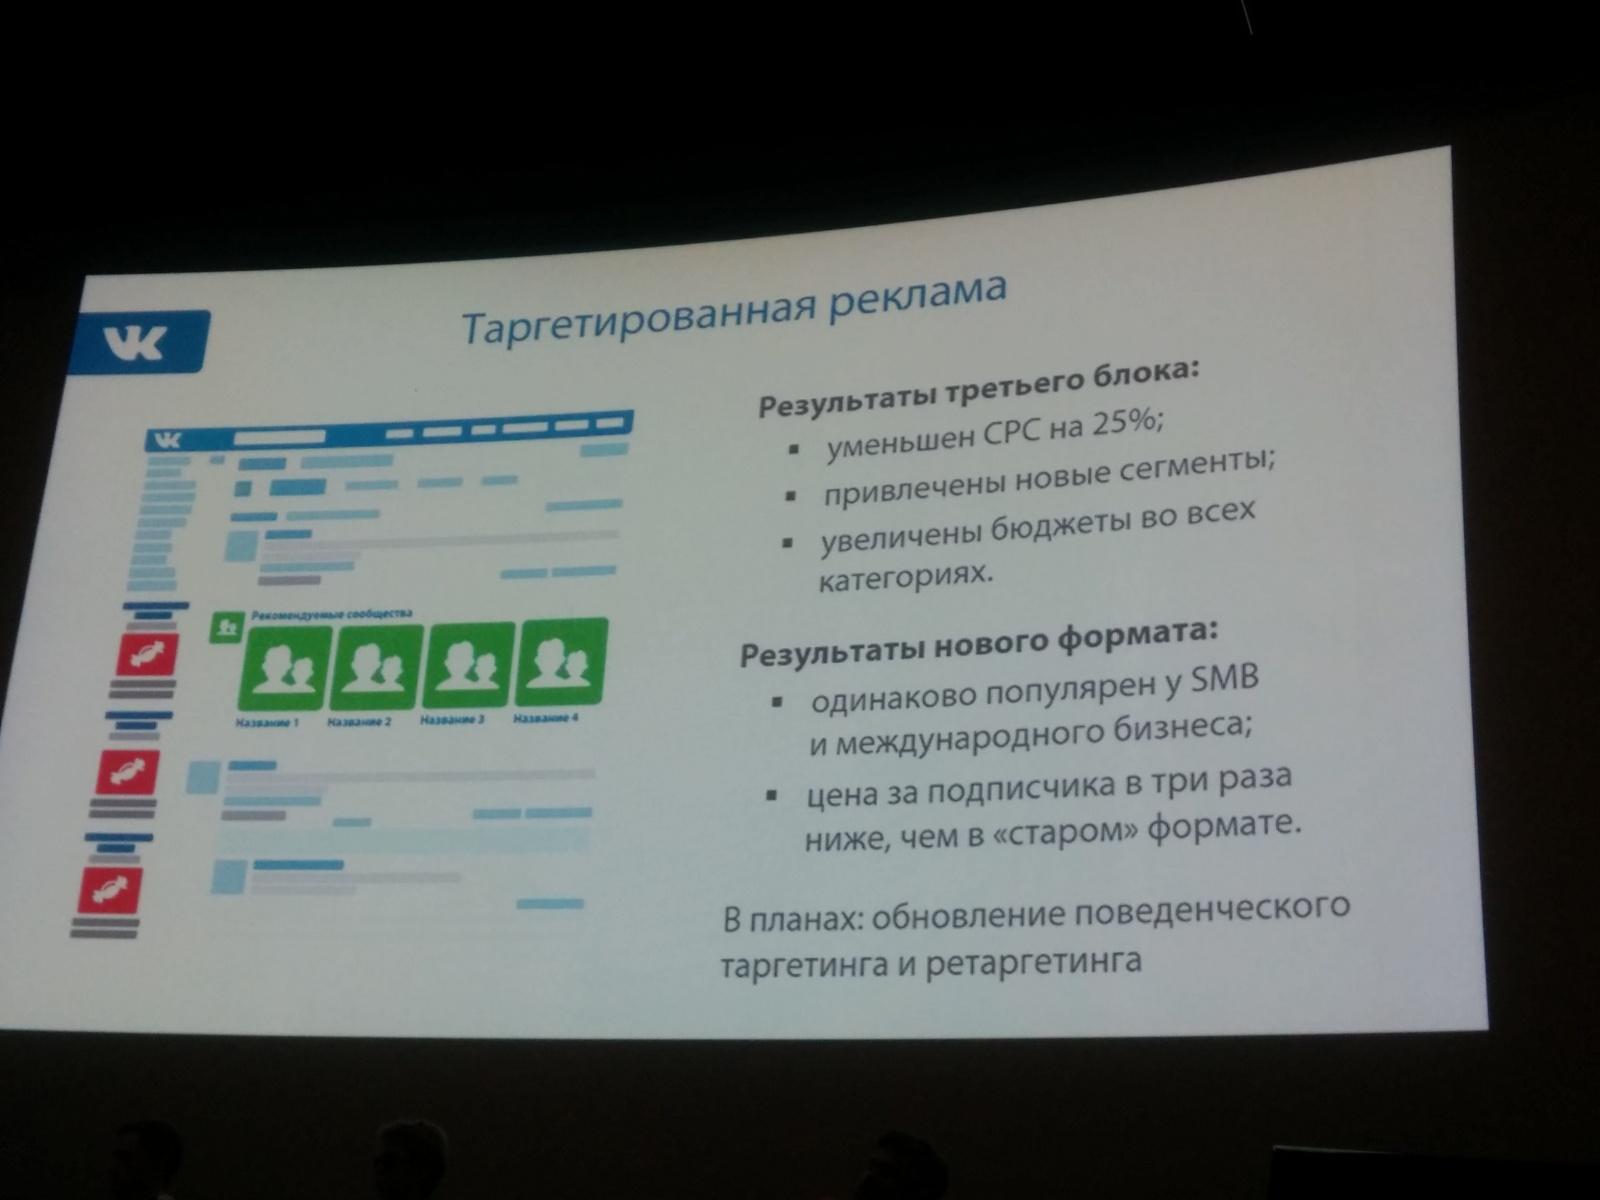 Круглов: Третий рекламный блок «ВКонтакте» уменьшил стоимость клика на 25% - 1